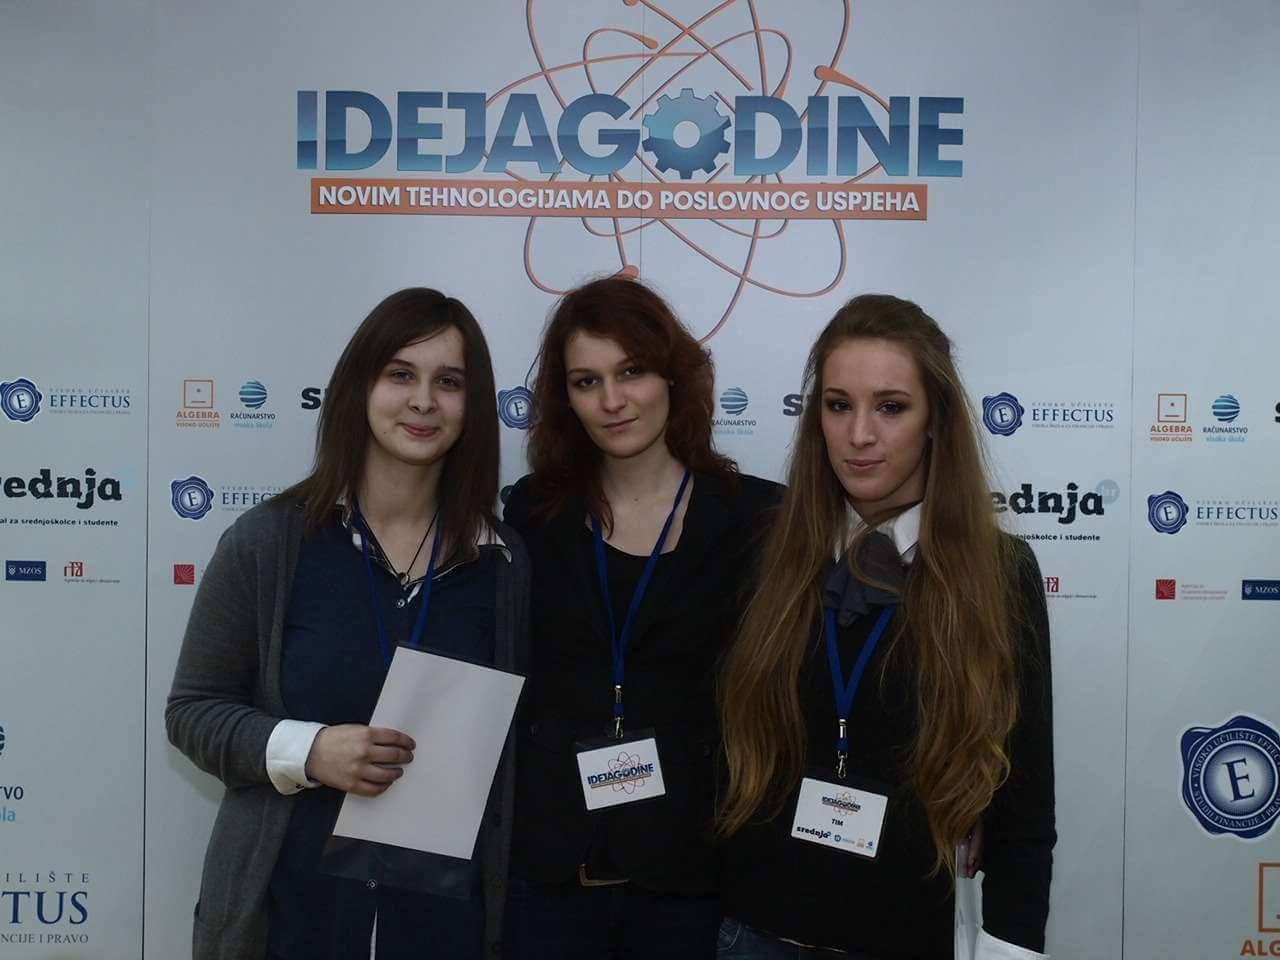 Srednjoškolsku Ideju godine odnijele gimnazijalke iz Varaždina